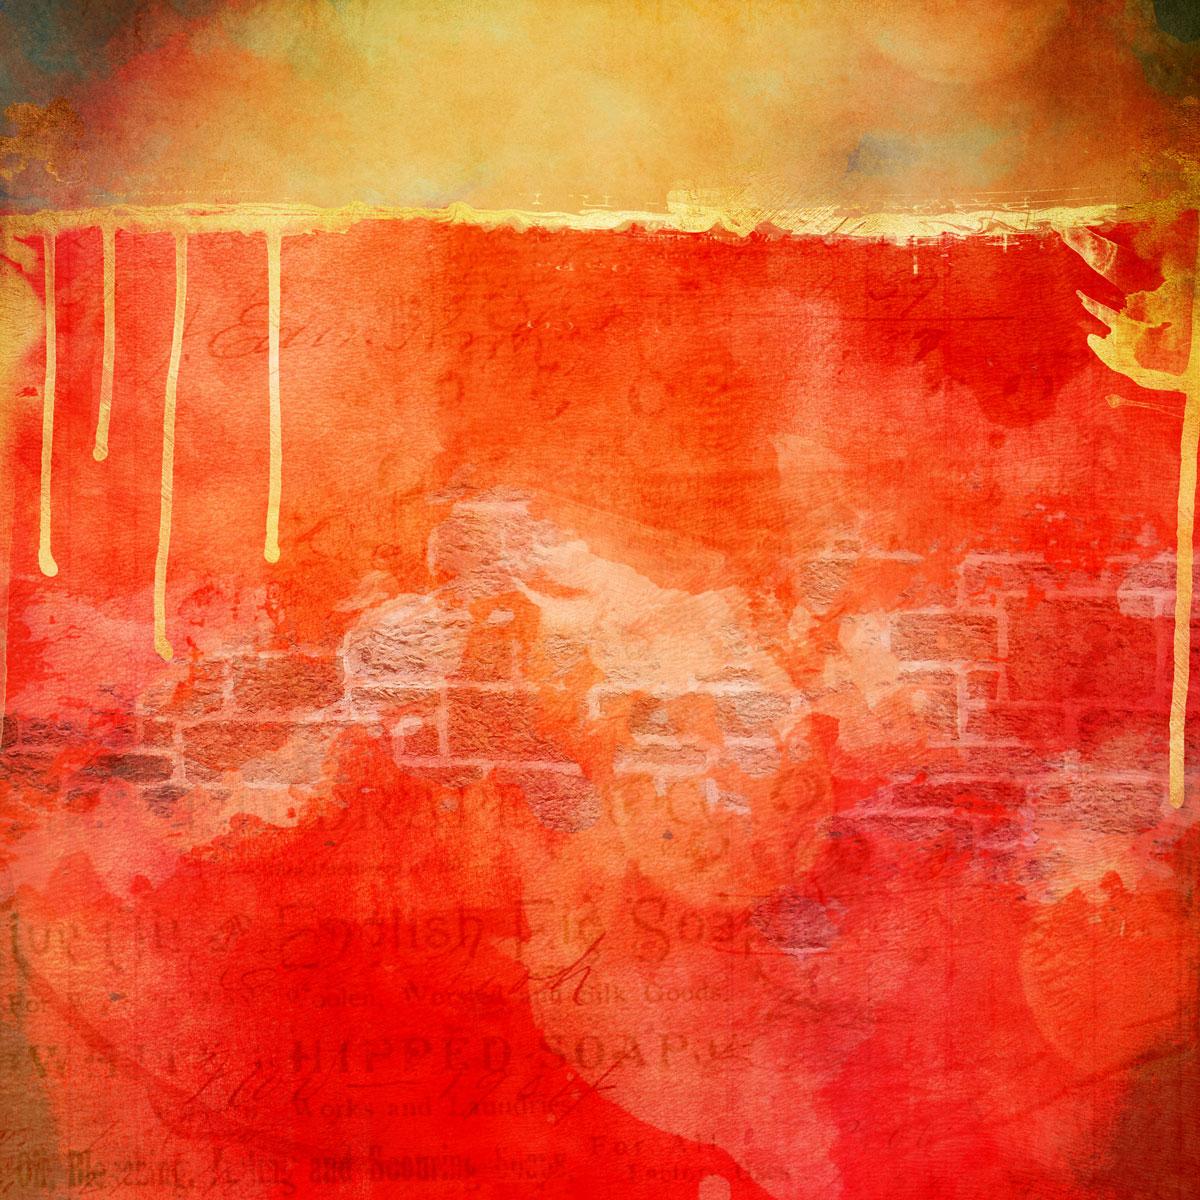 12张高清水彩金色质感艺术海报设计纸张背景纹理图片素材 Watercolor Texture Papers插图(3)